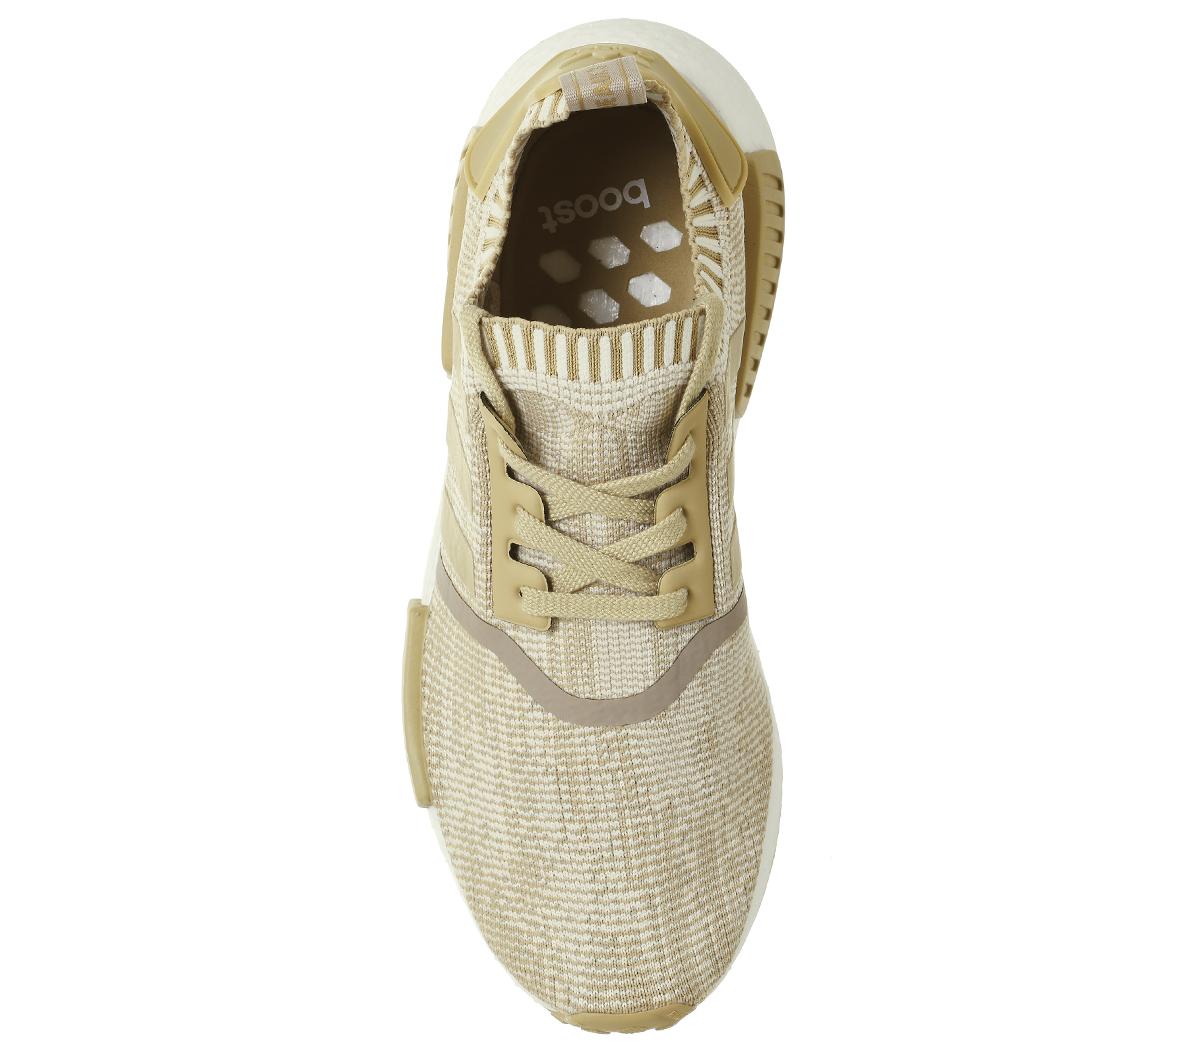 Adidas-Nmd-R1-in-Maglia-Di-Lino-Cachi-Prime-Off-Scarpe-Da-Ginnastica-Bianco